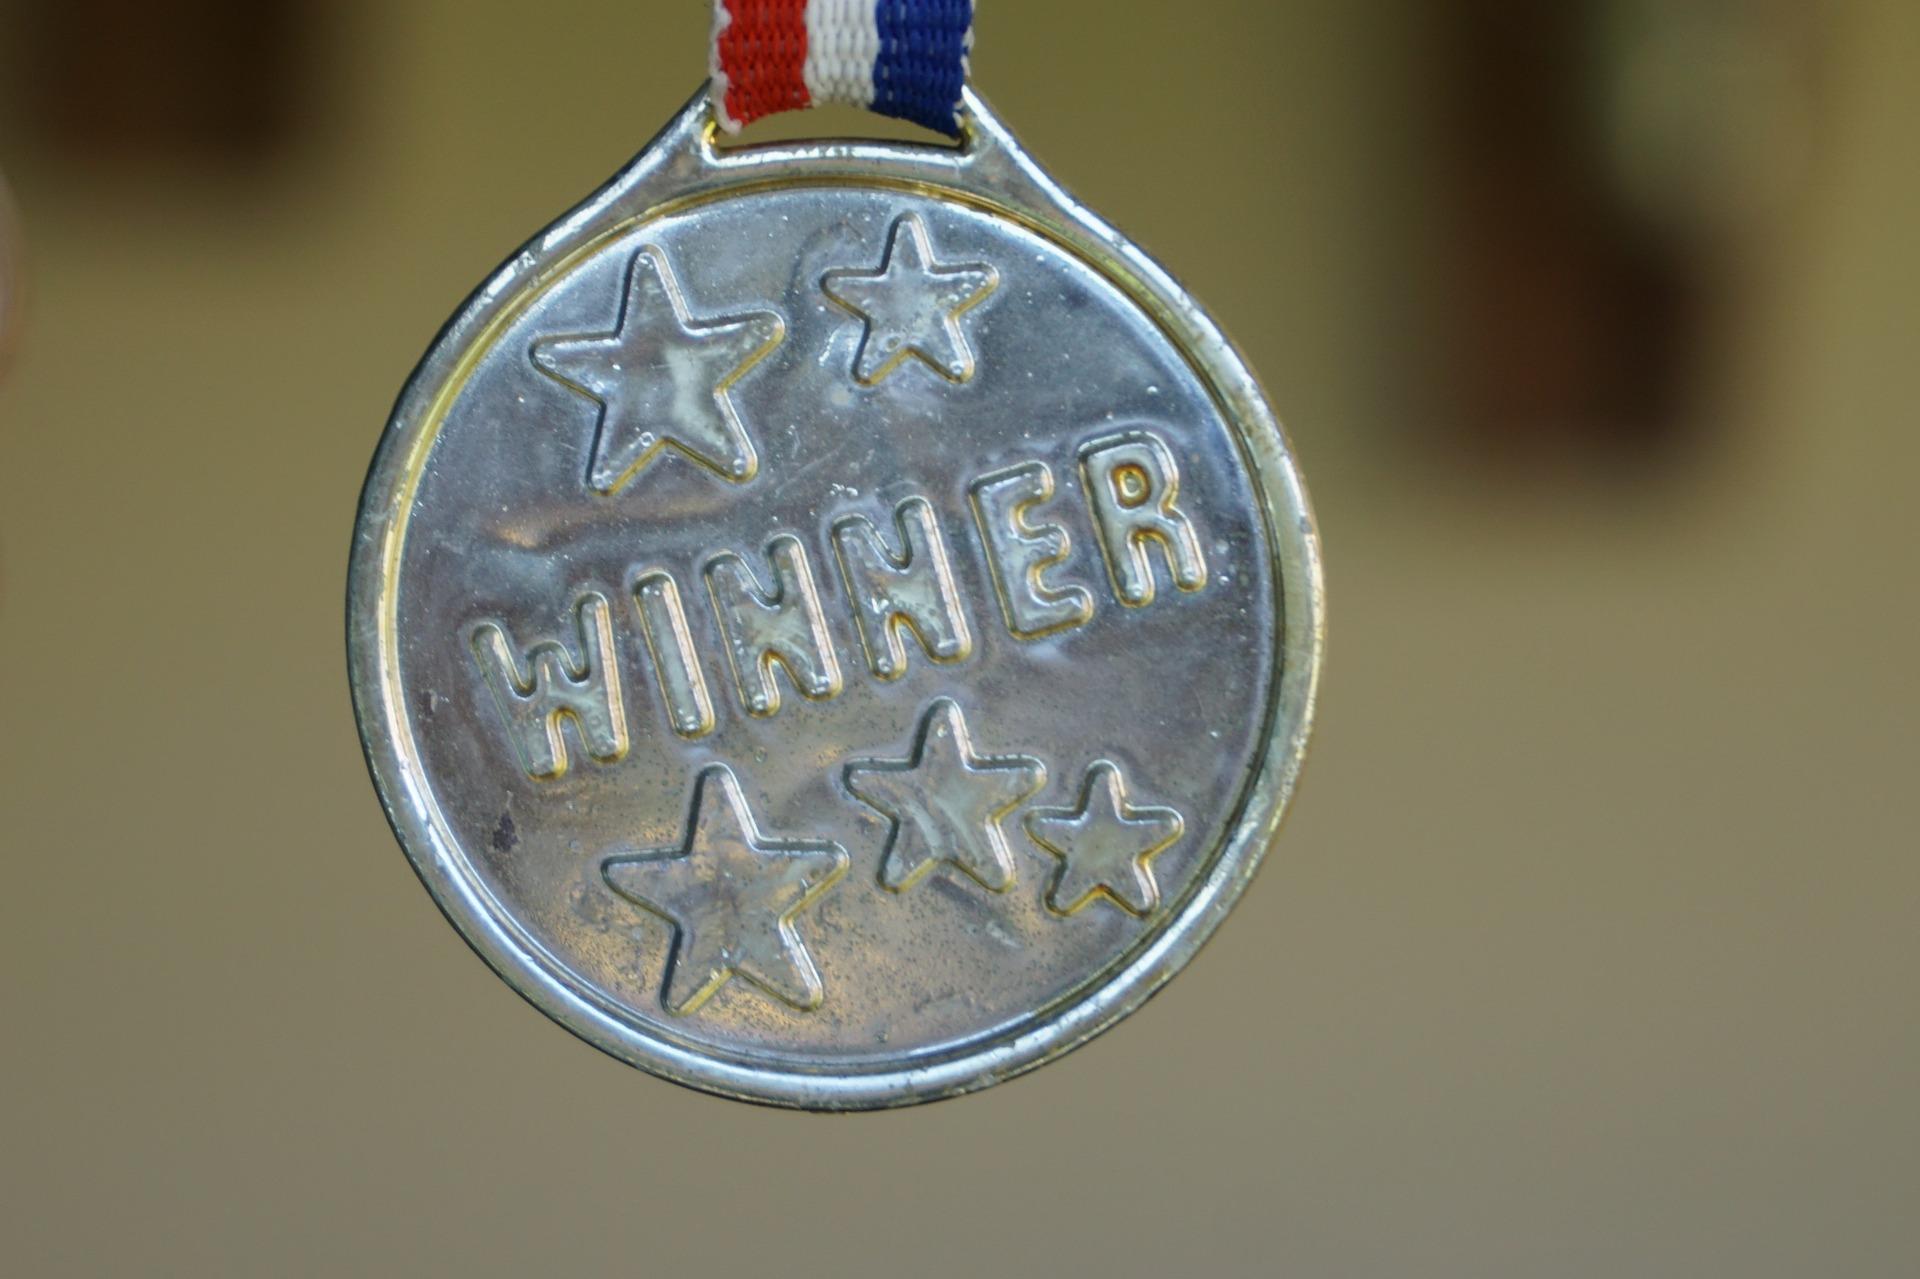 A winner's medal